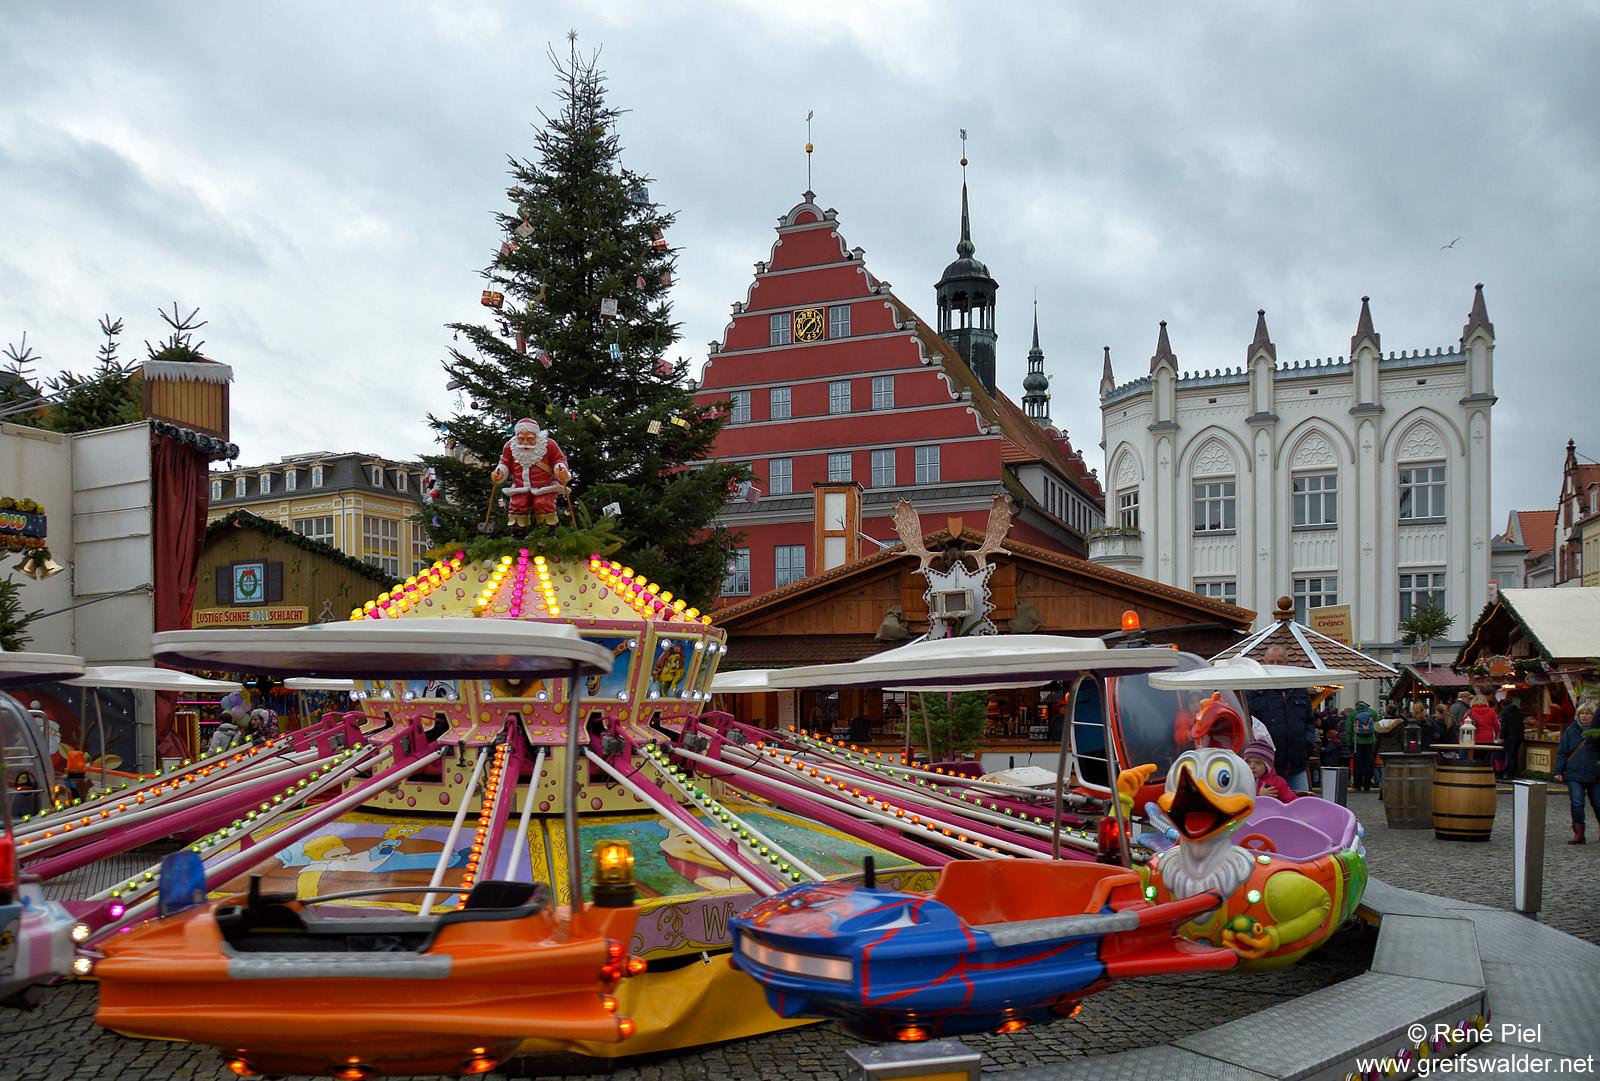 Weihnachtsmarkt in Greifswald